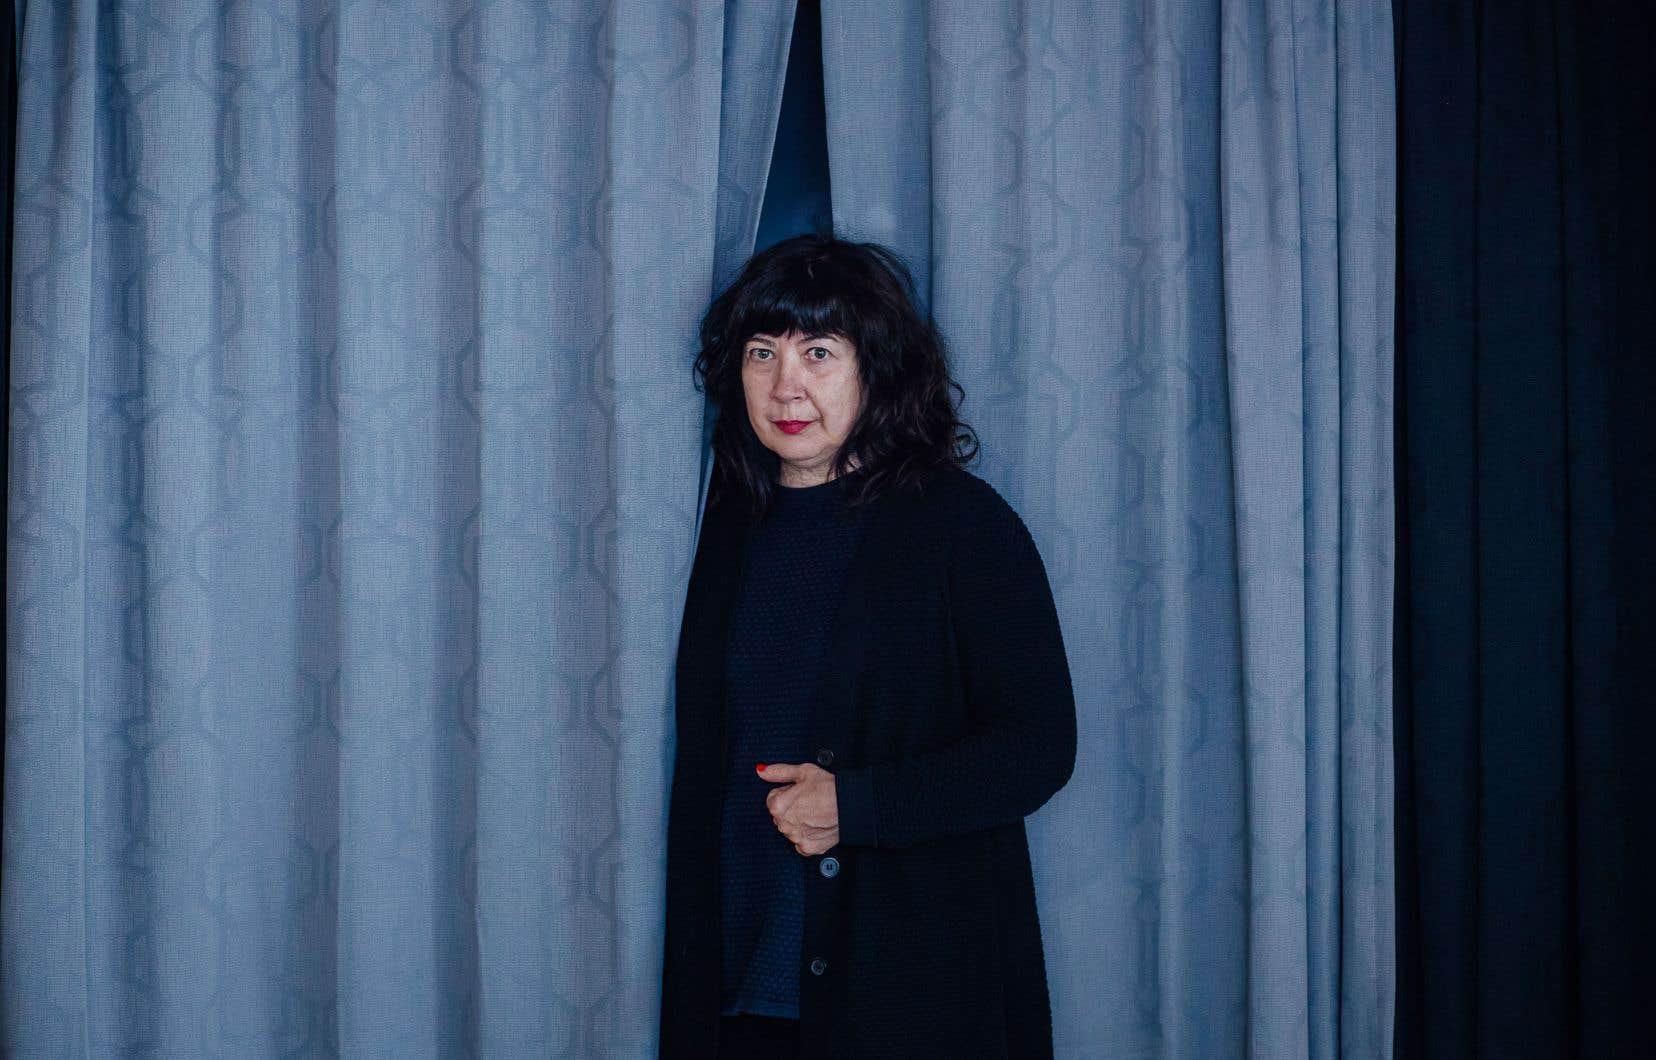 La dramaturge voit ses pièces «Jimmy, créature de rêve», «La noirceur» et «Peepshow» publiées en français.